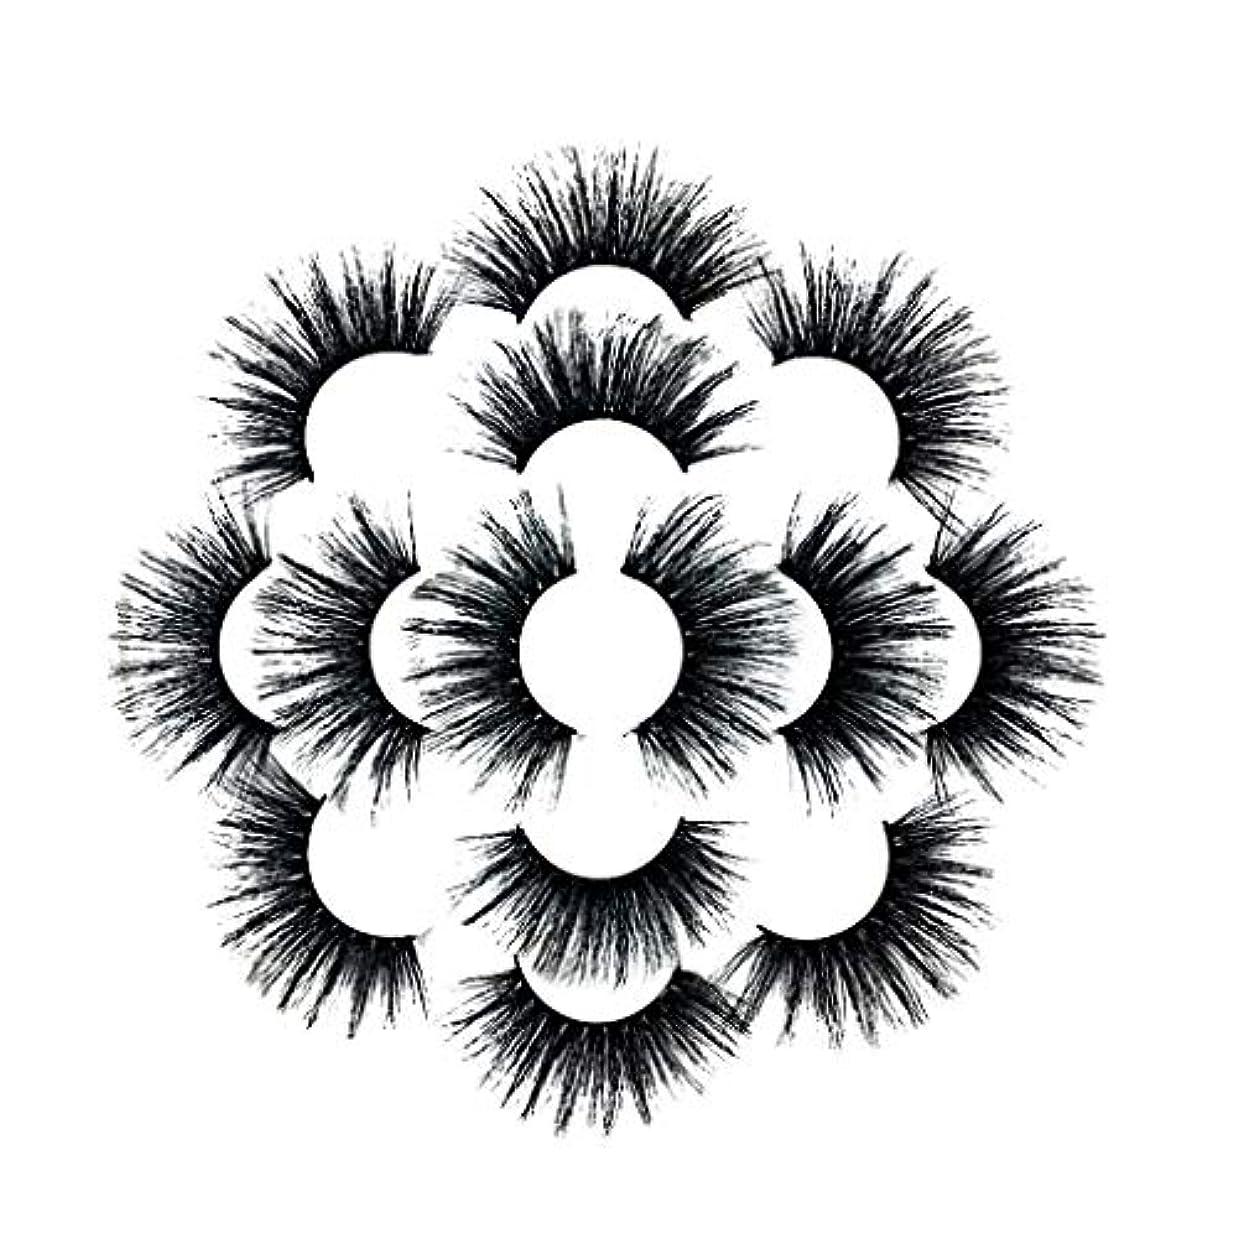 失効反論ルーム7ペアラグジュアリー8D Falseまつげふわふわストリップまつげロングナチュラルパーティー